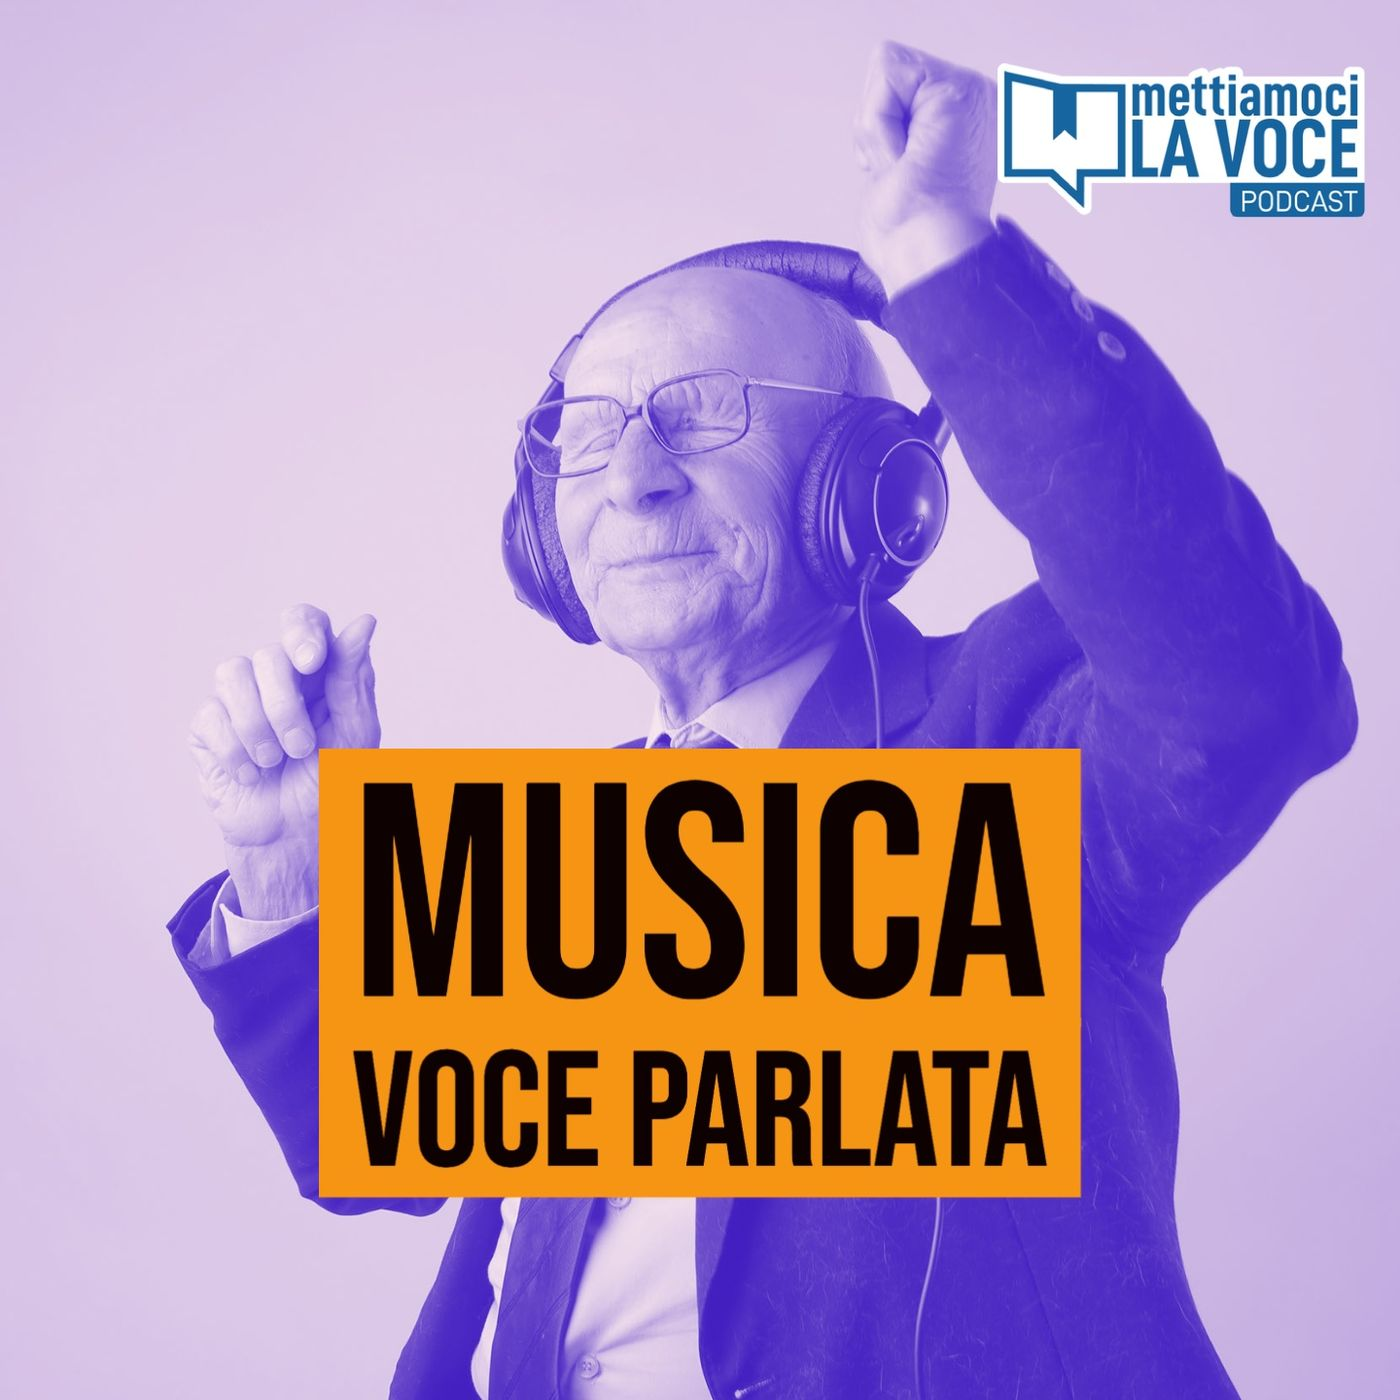 170 - musica e voce parlata